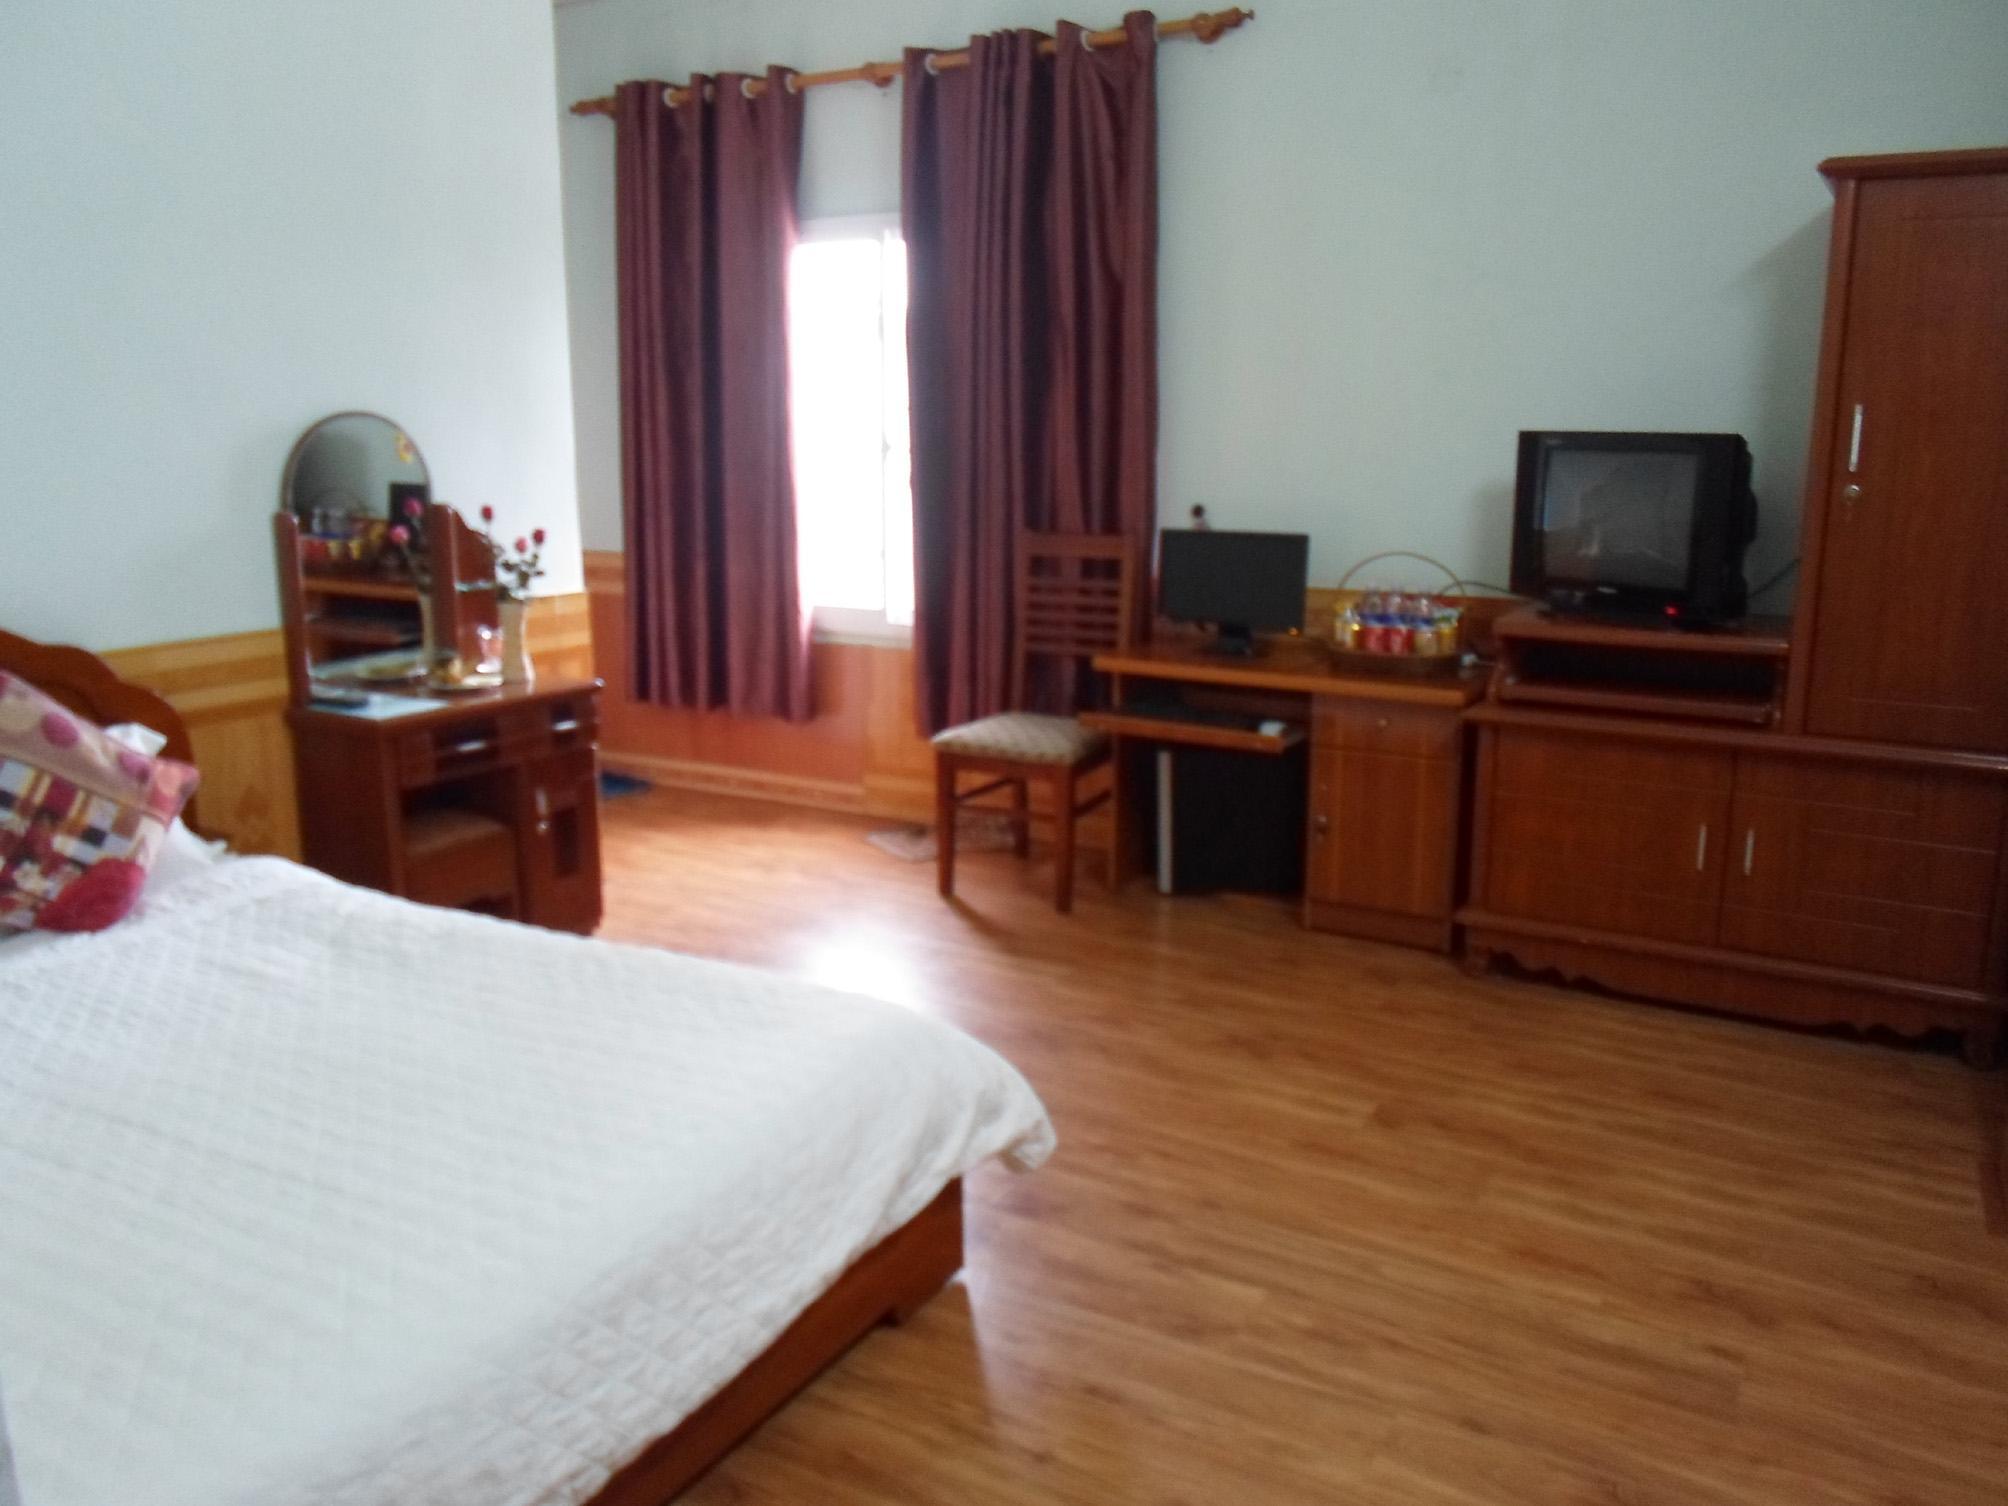 Avi Airport Hotel - Hotell och Boende i Vietnam , Hanoi